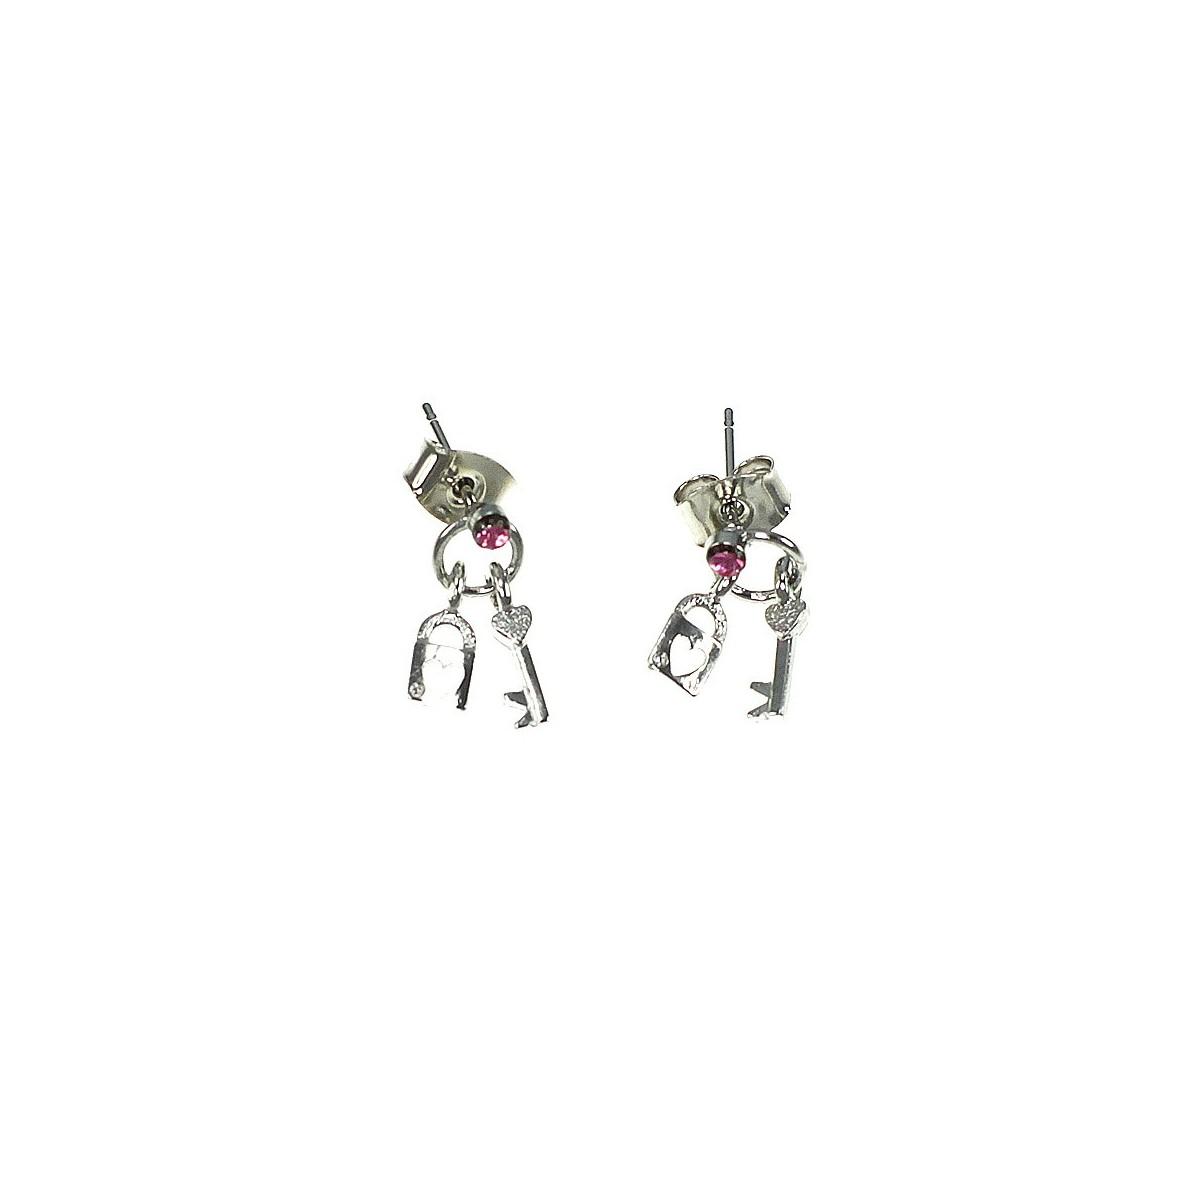 Boucles d'oreilles cadenas